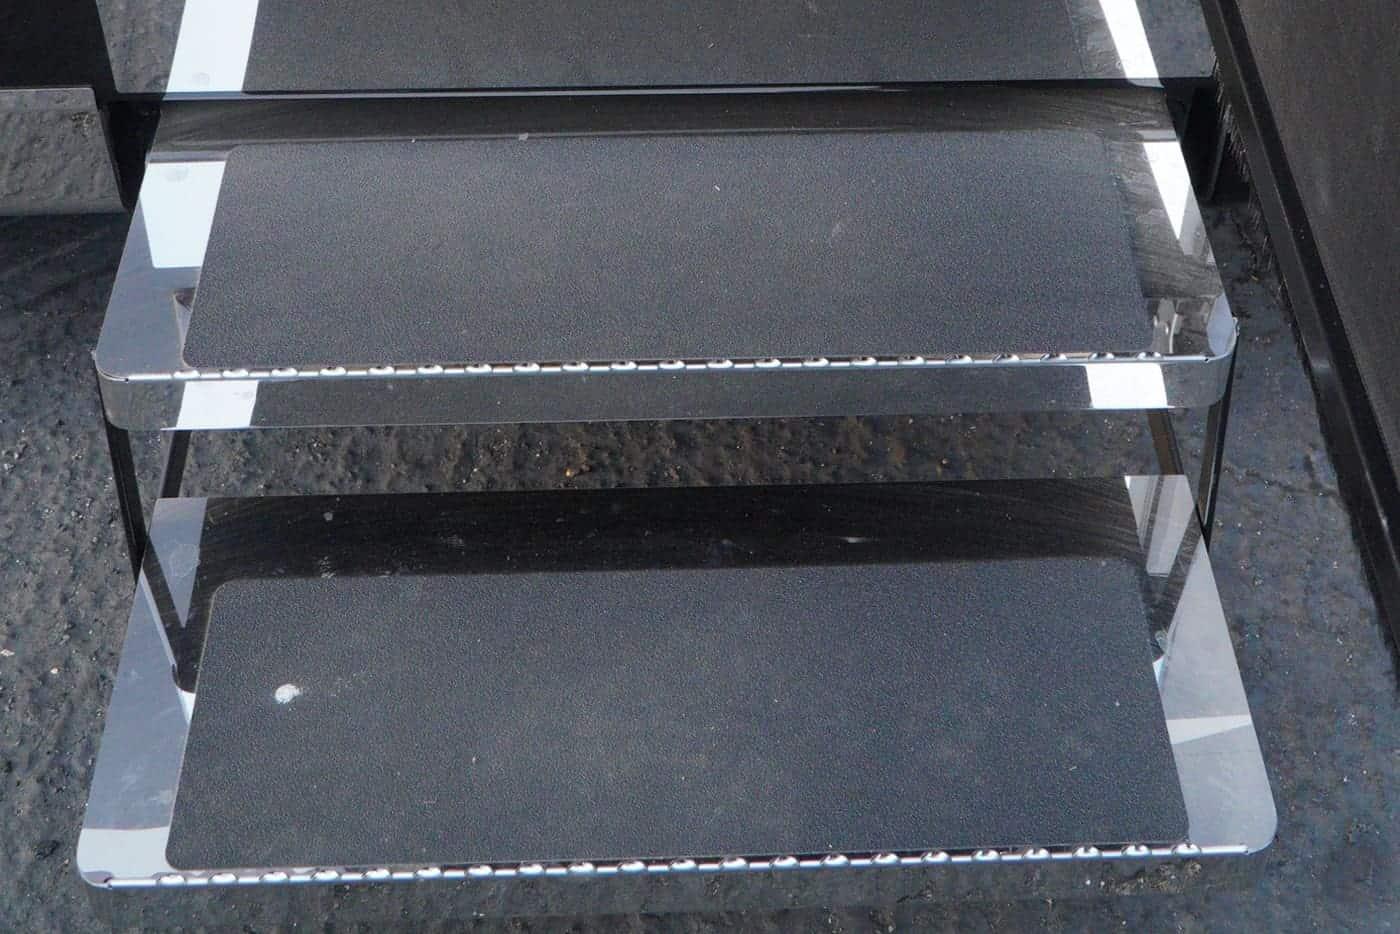 RV Step Repair Near Me